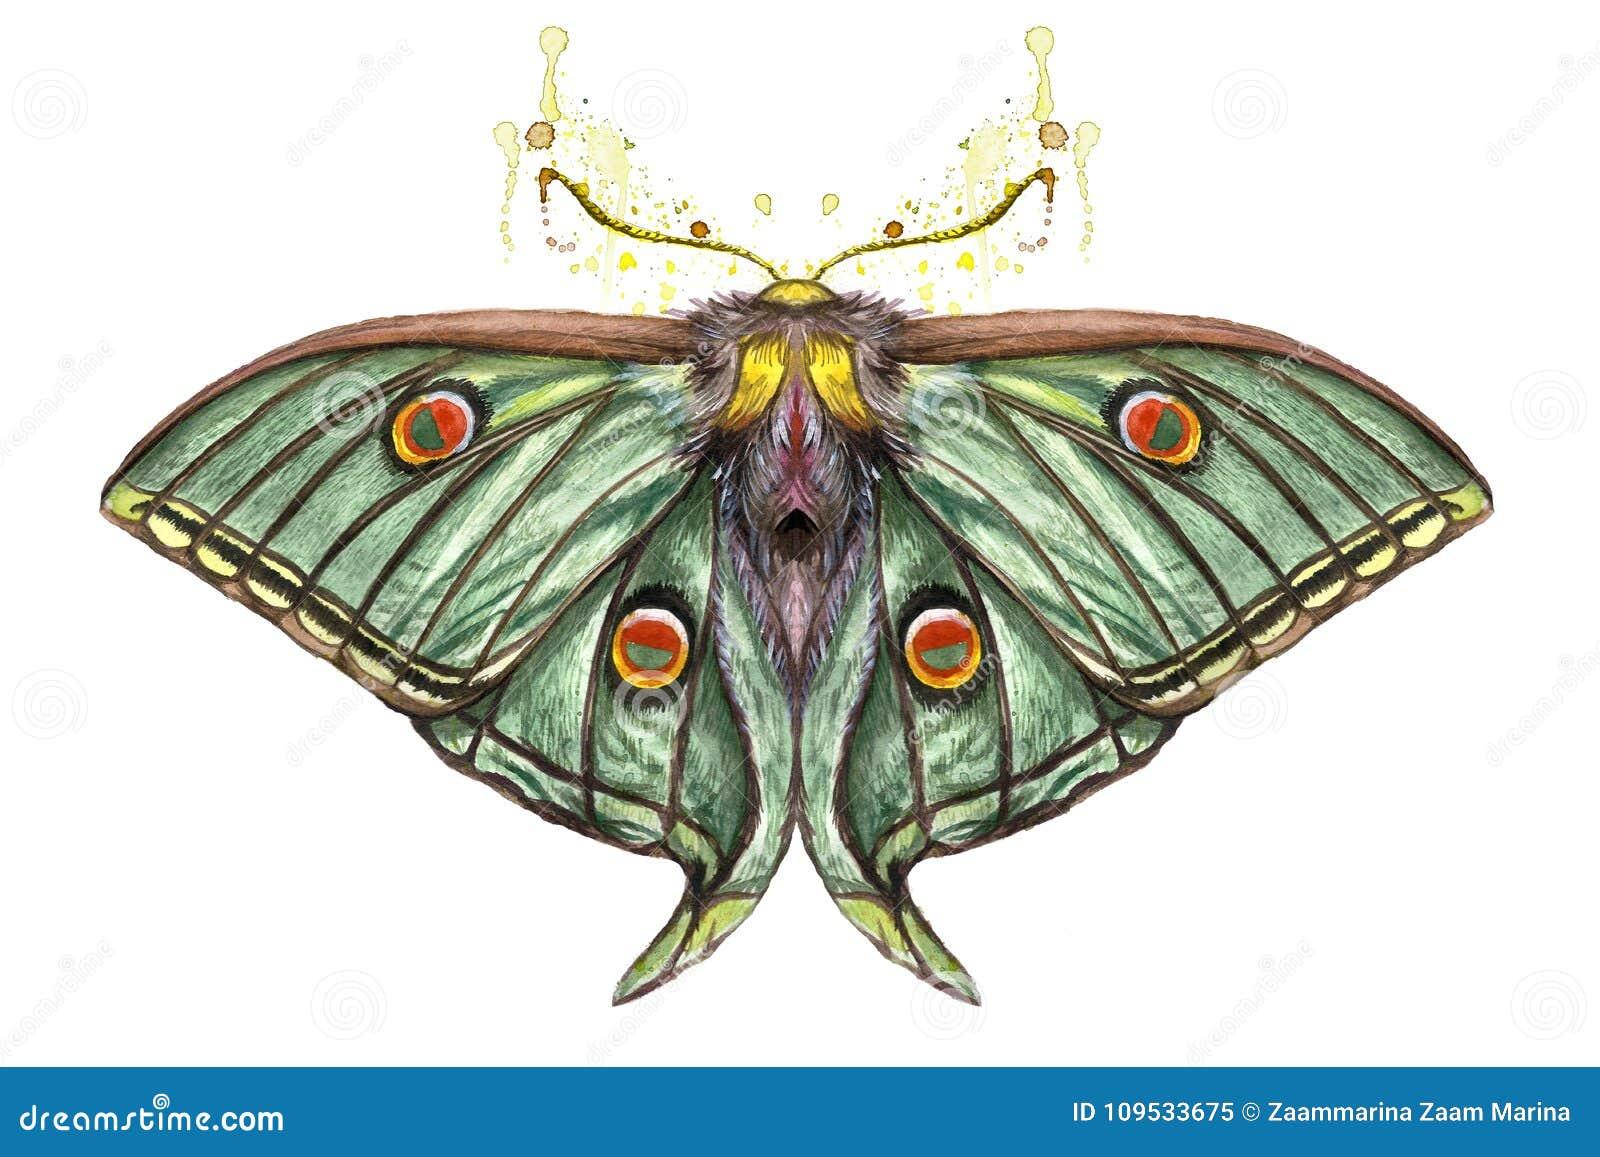 Dessin D Aquarelle D Un Insecte D Un Oeil Artemis Une